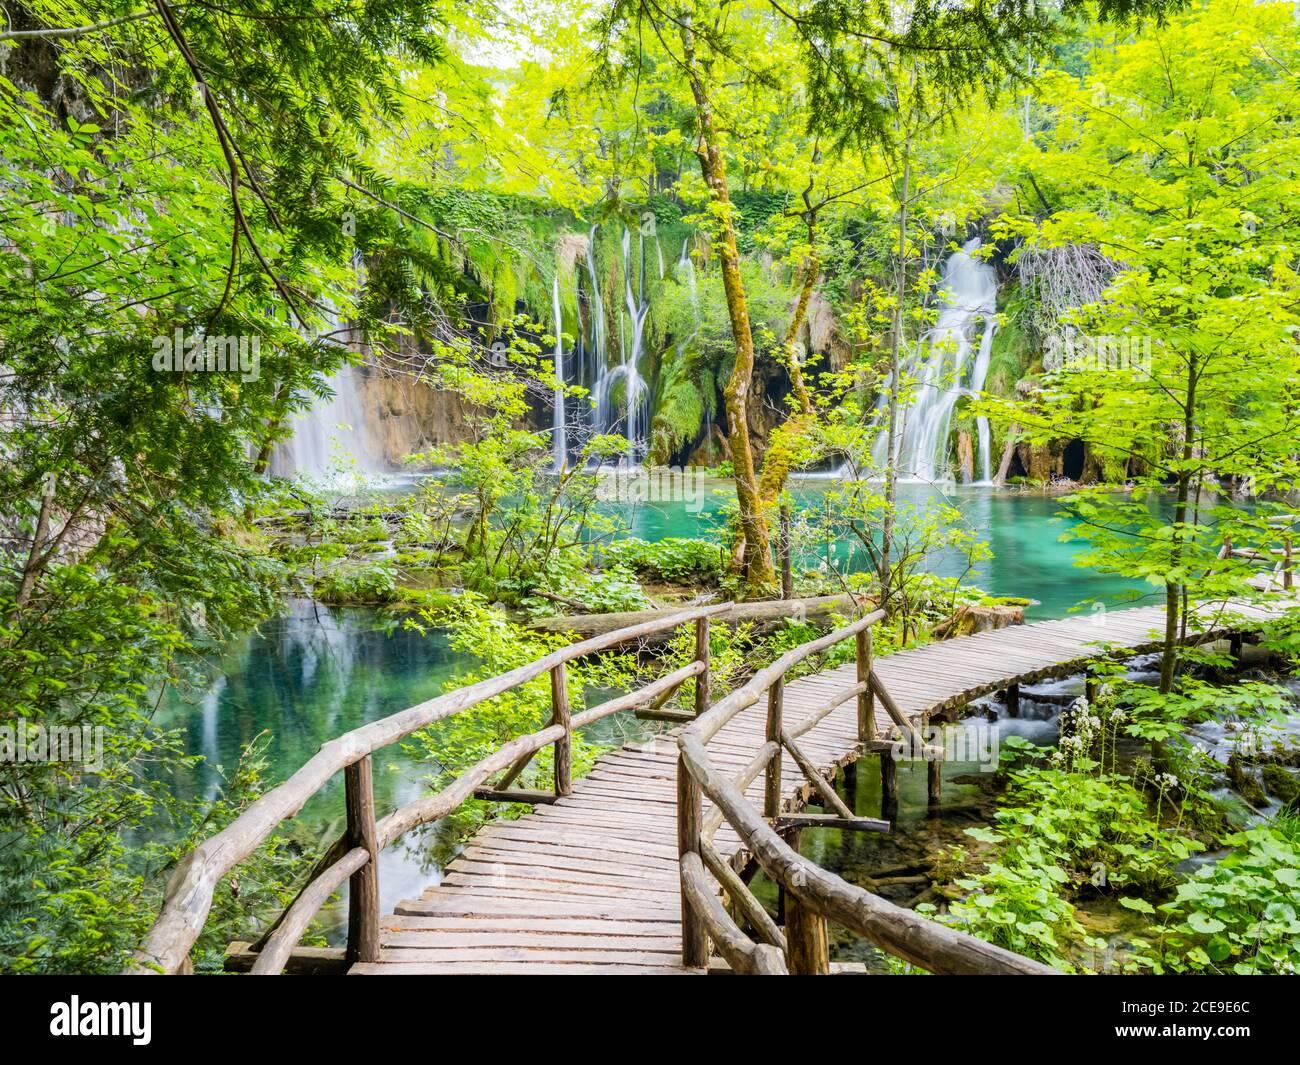 Vues fantastiques une vue incroyable comme le parc national des terres de contes de fées de rêve Lacs de Plitvice en Croatie Europe eau écoulement cascade Banque D'Images